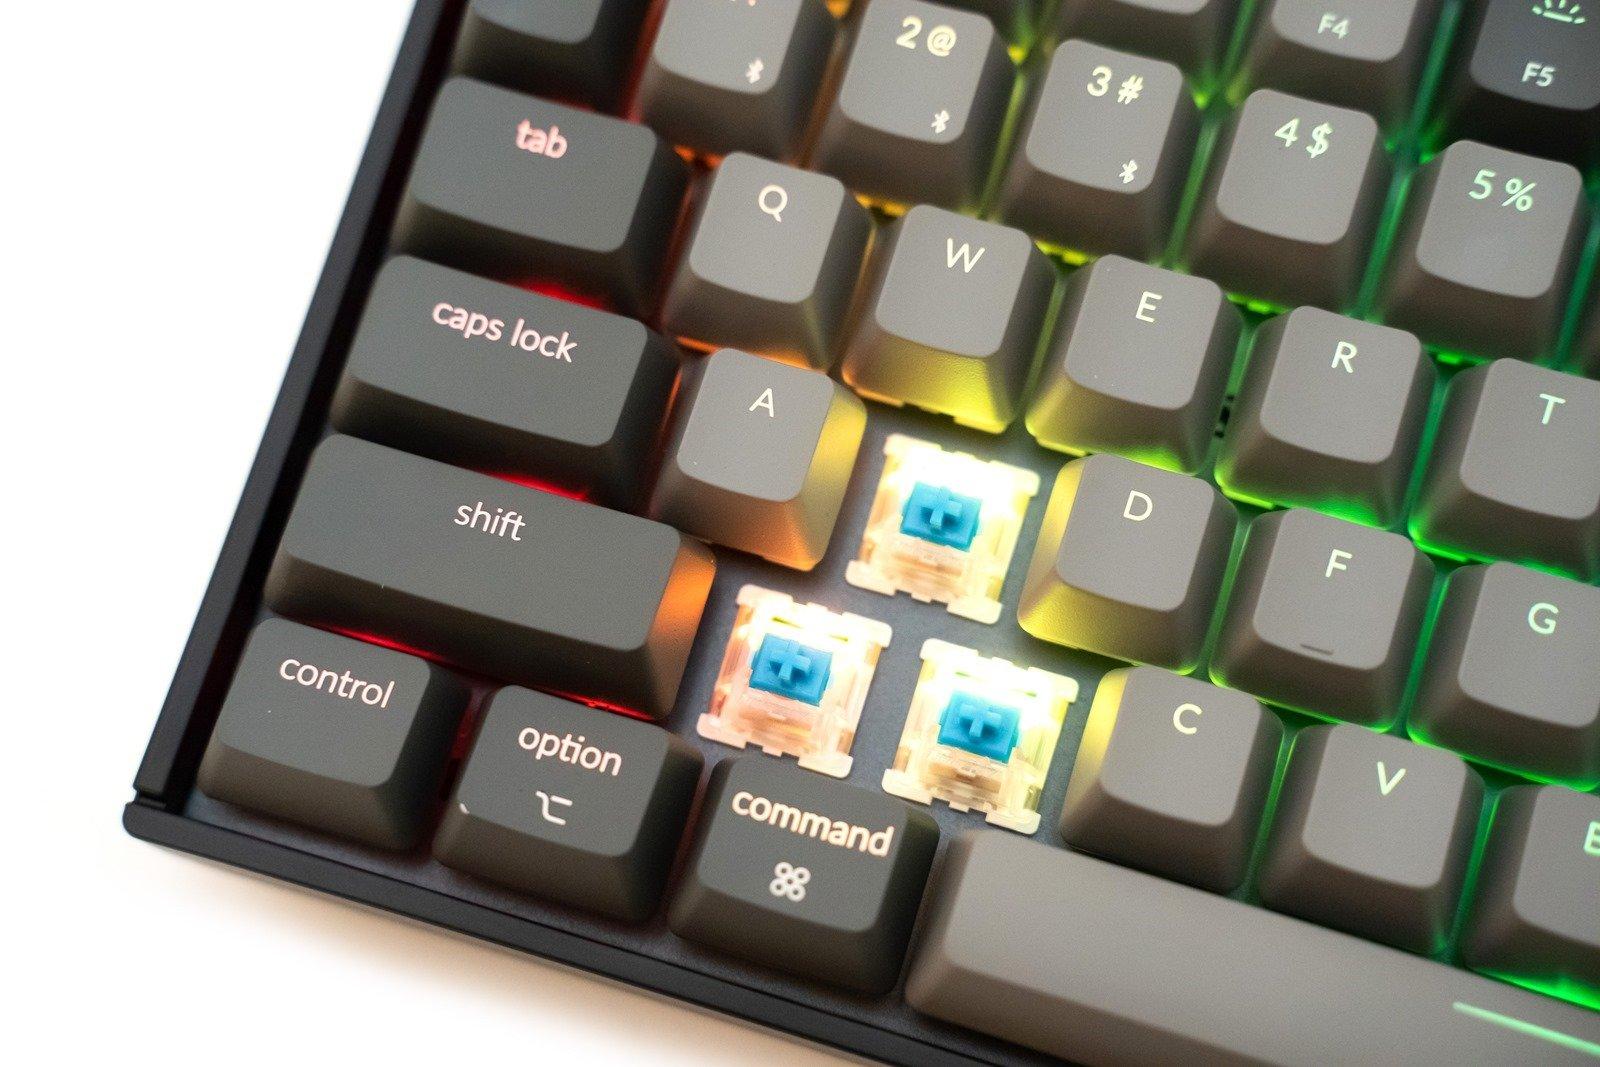 小巧全功能!75 鍵特殊佈局的 Keychron K2 機械鍵盤開箱 + 使用心得分享 @3C 達人廖阿輝